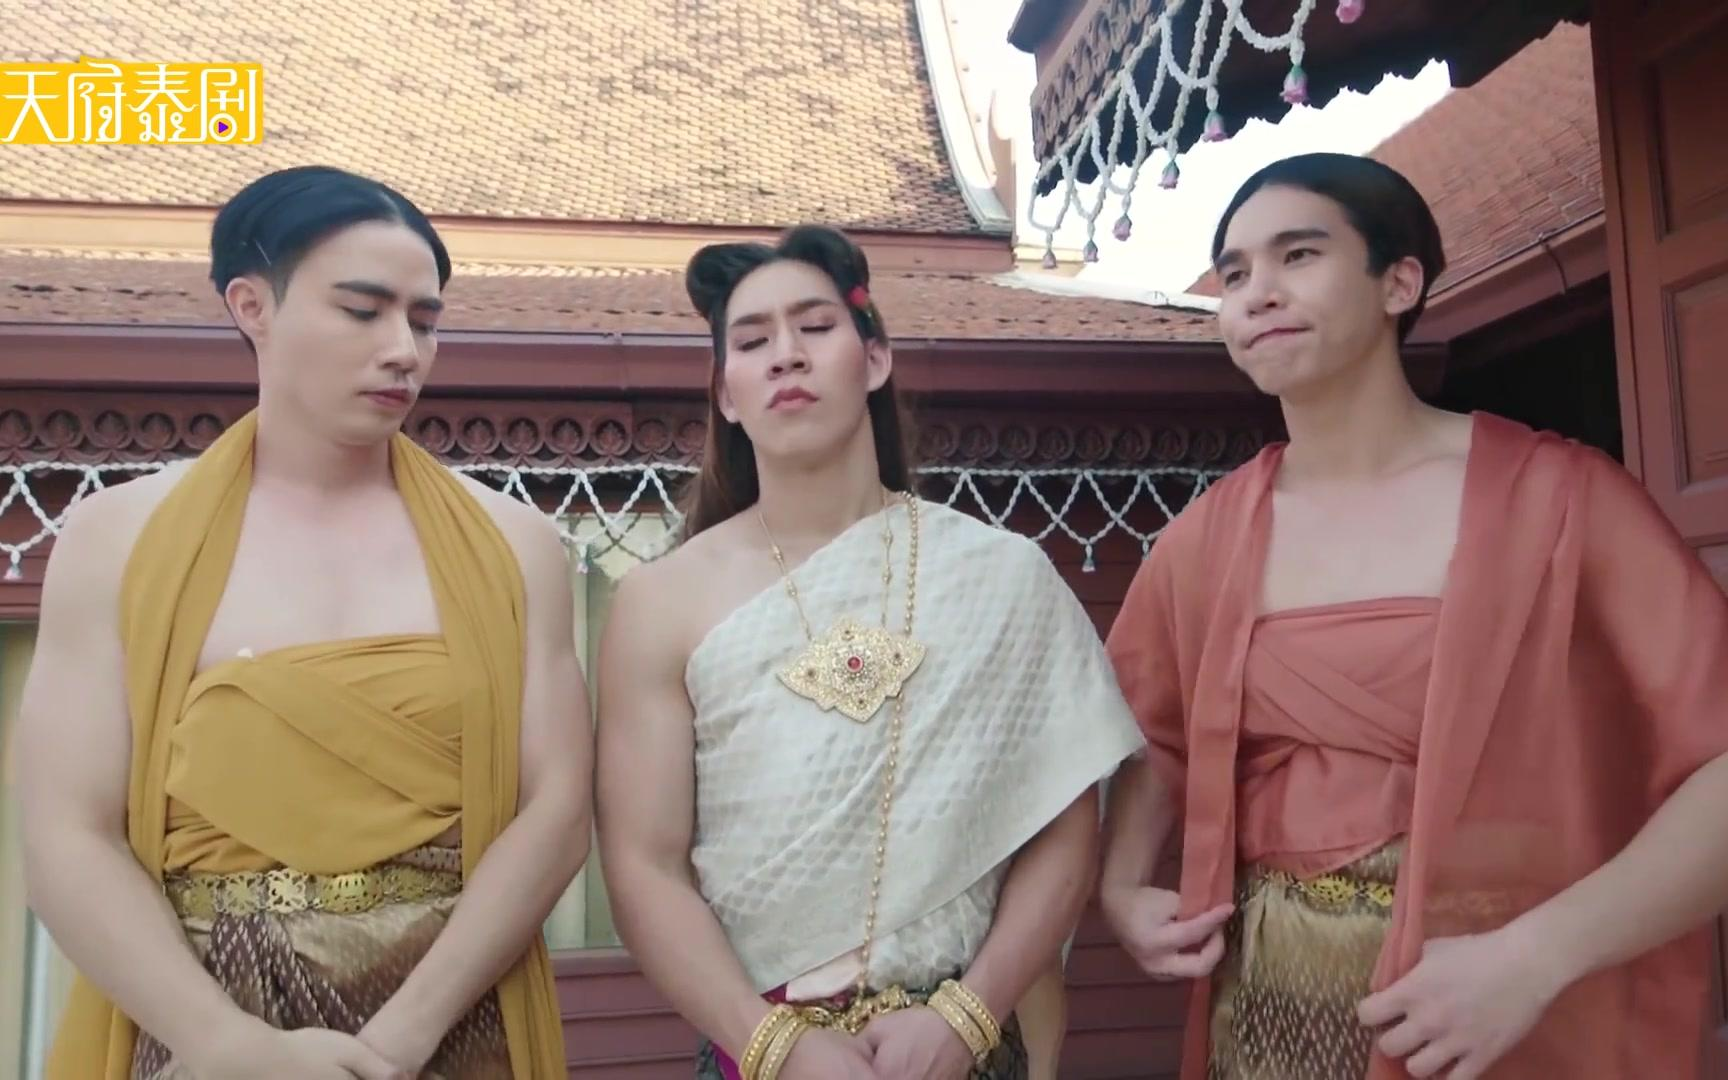 【泰国广告】方便面也能打出一股 天生一对的味道图片